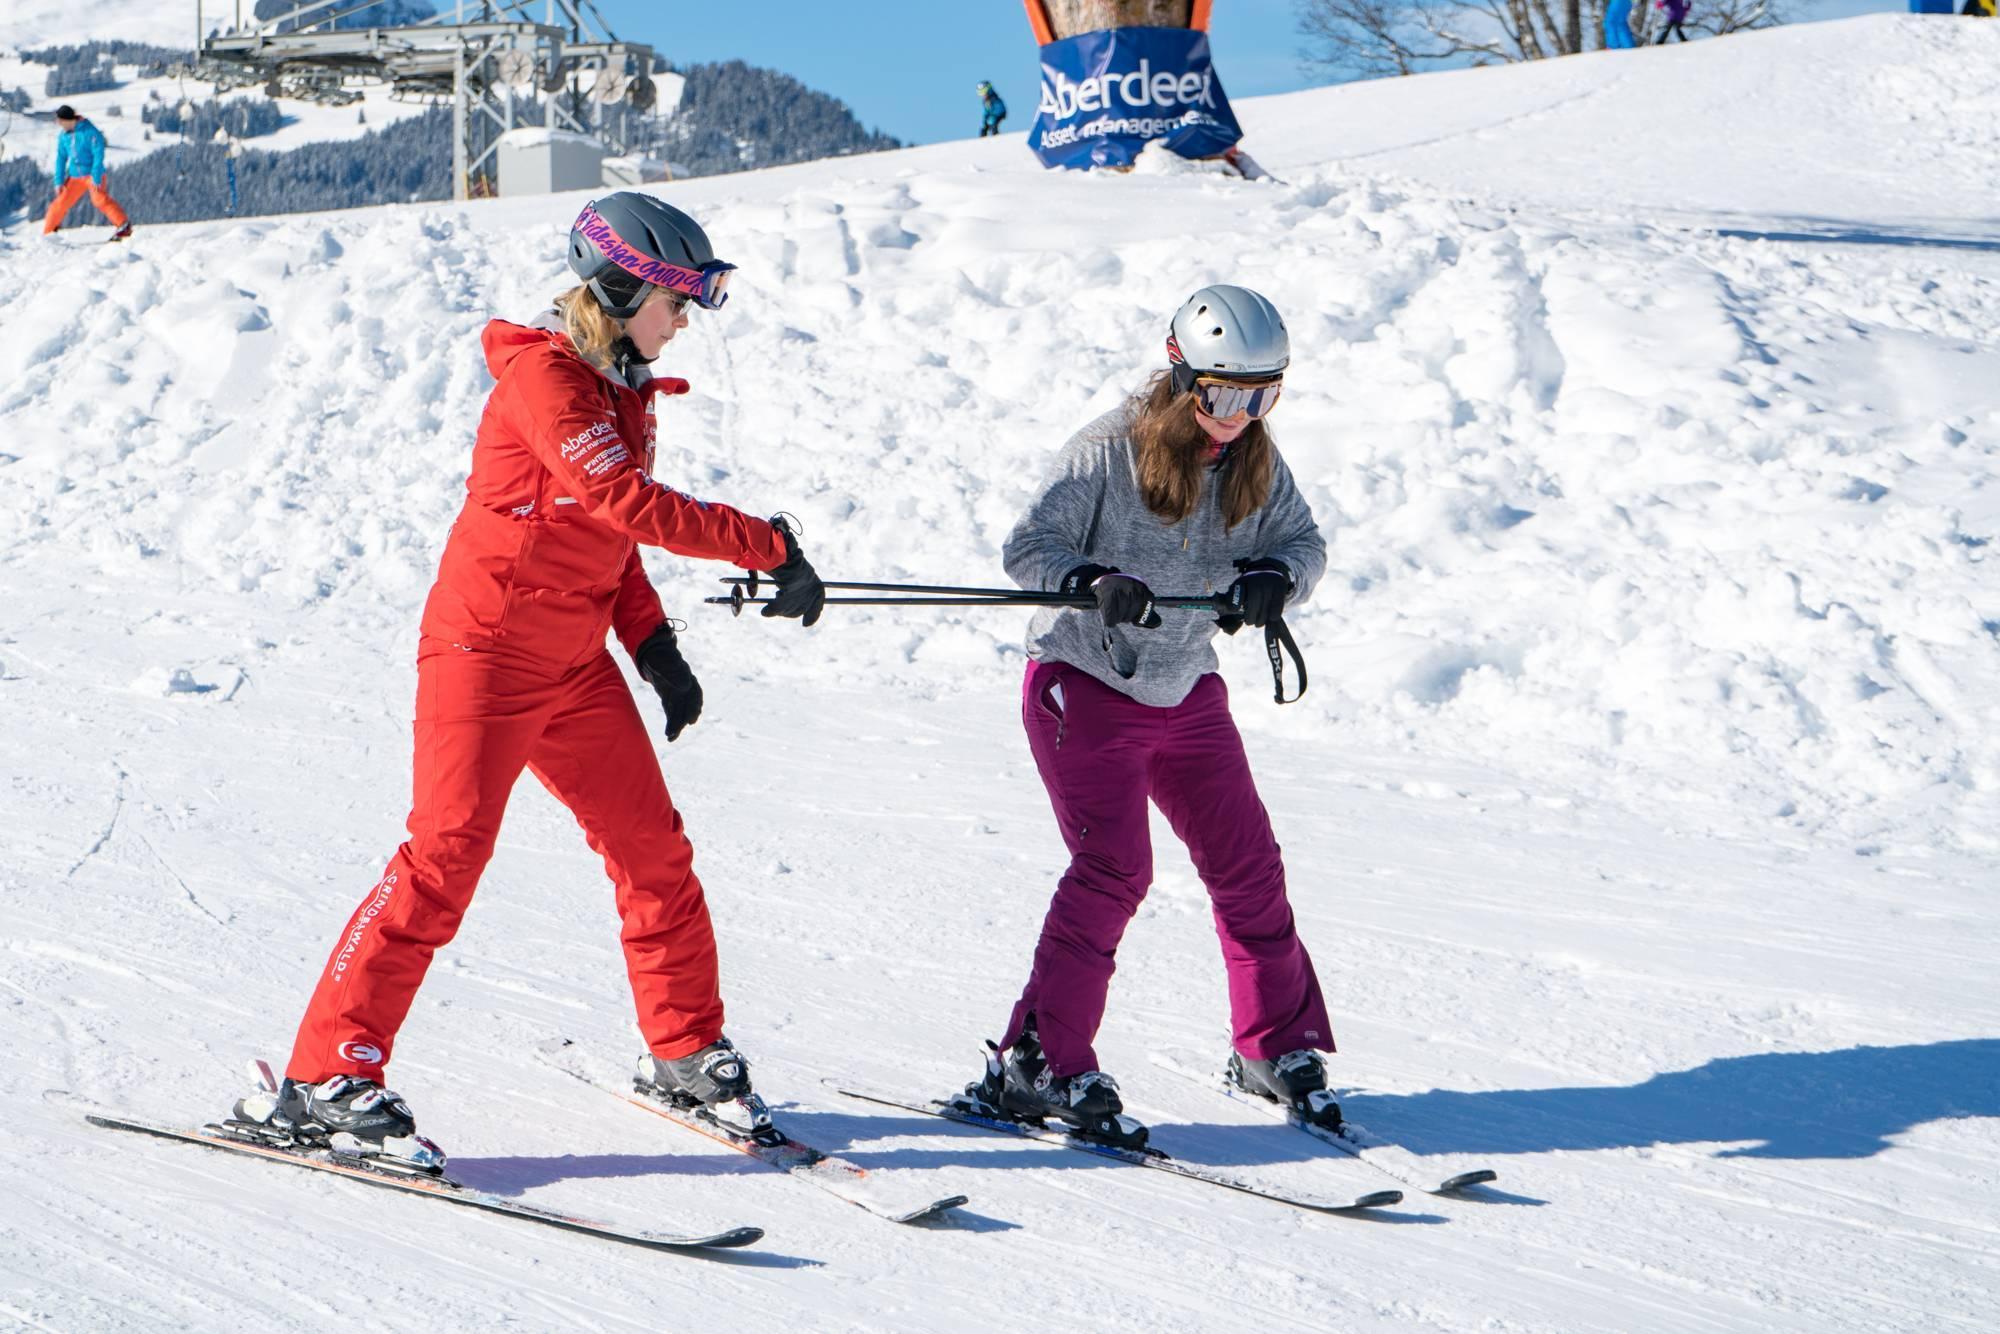 Cours de ski Adultes pour Premier cours